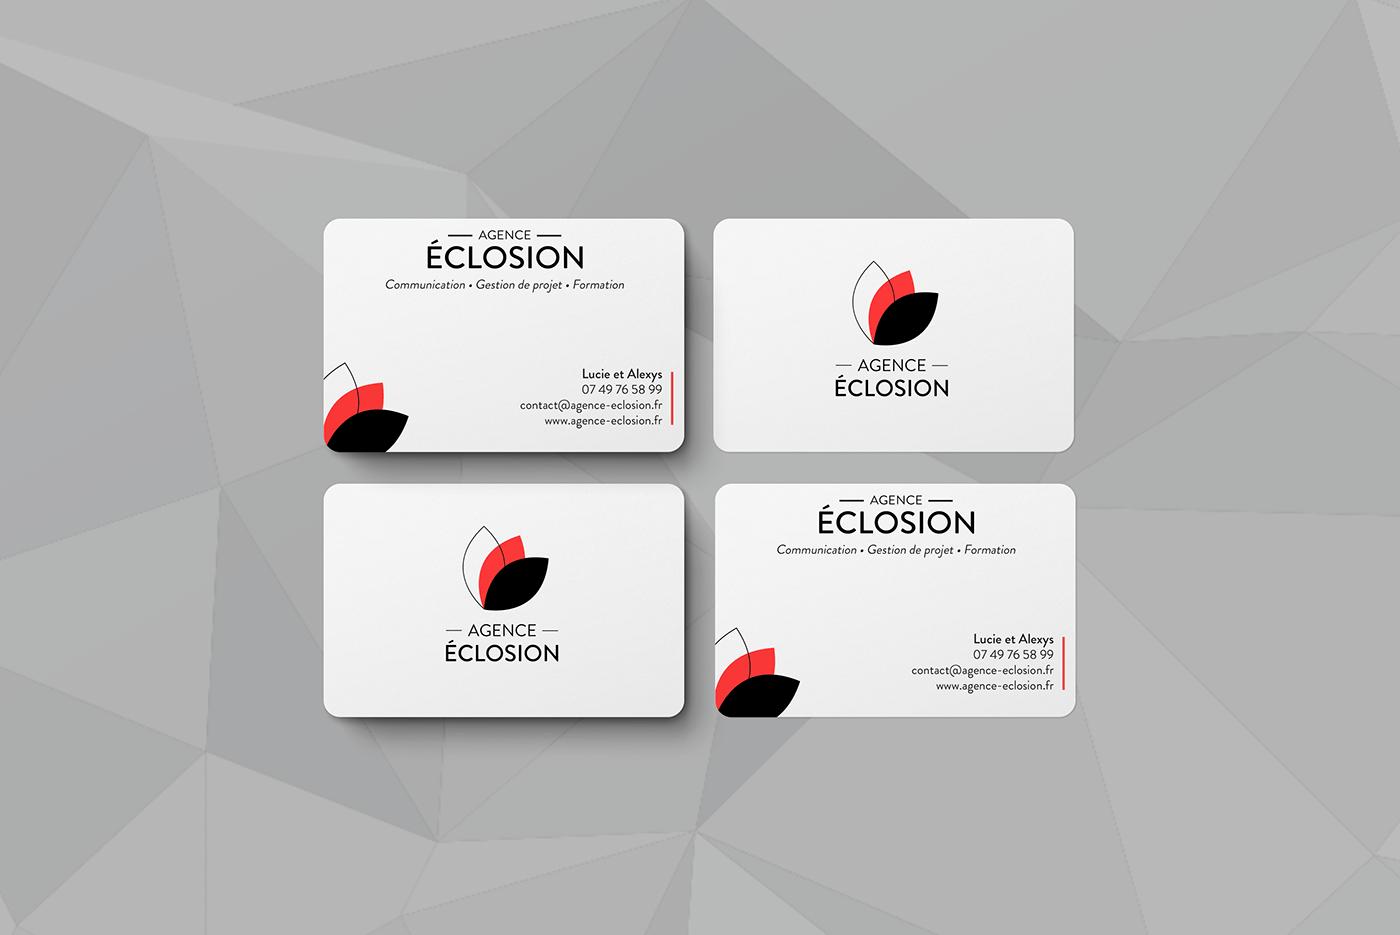 agence éclosion agence éclosion vannes business card carte de visite content Création de contenu Mockup